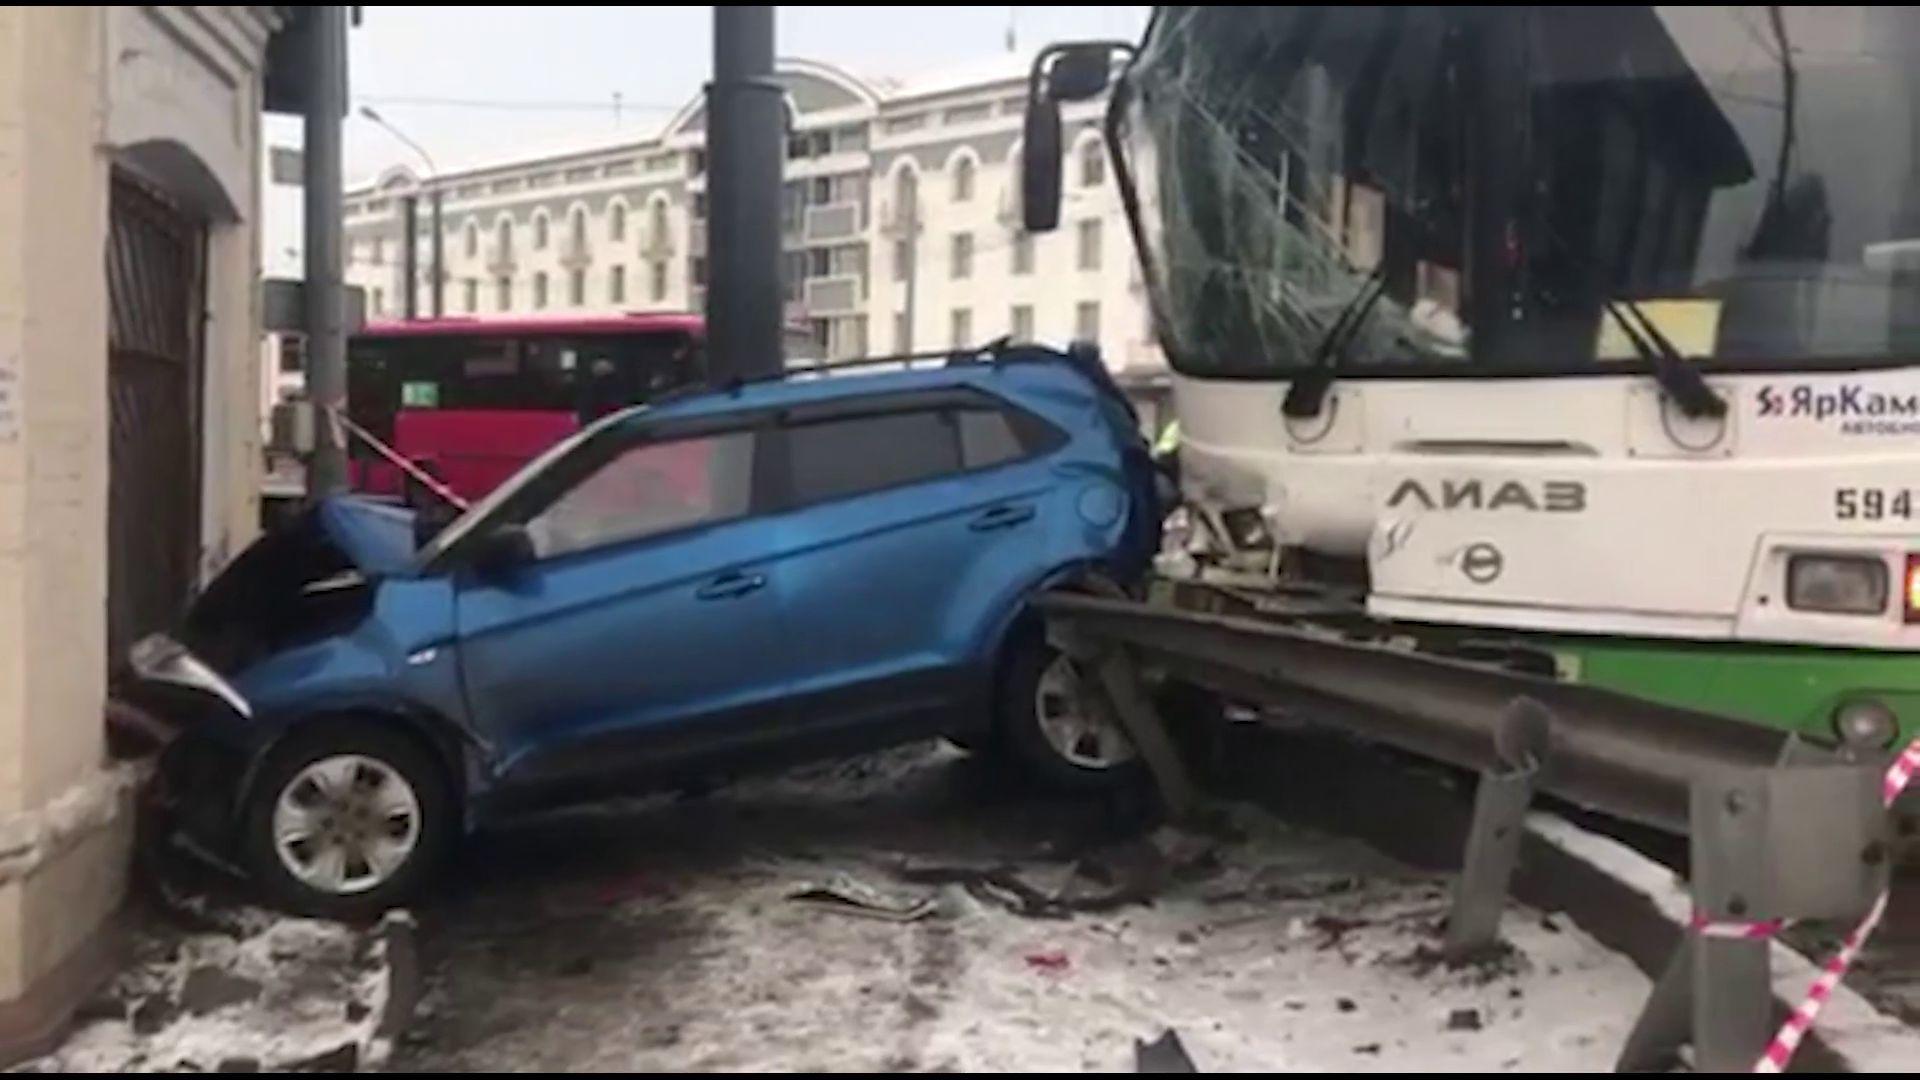 Стало известно о состоянии пострадавших в серьезной аварии на Московском проспекте